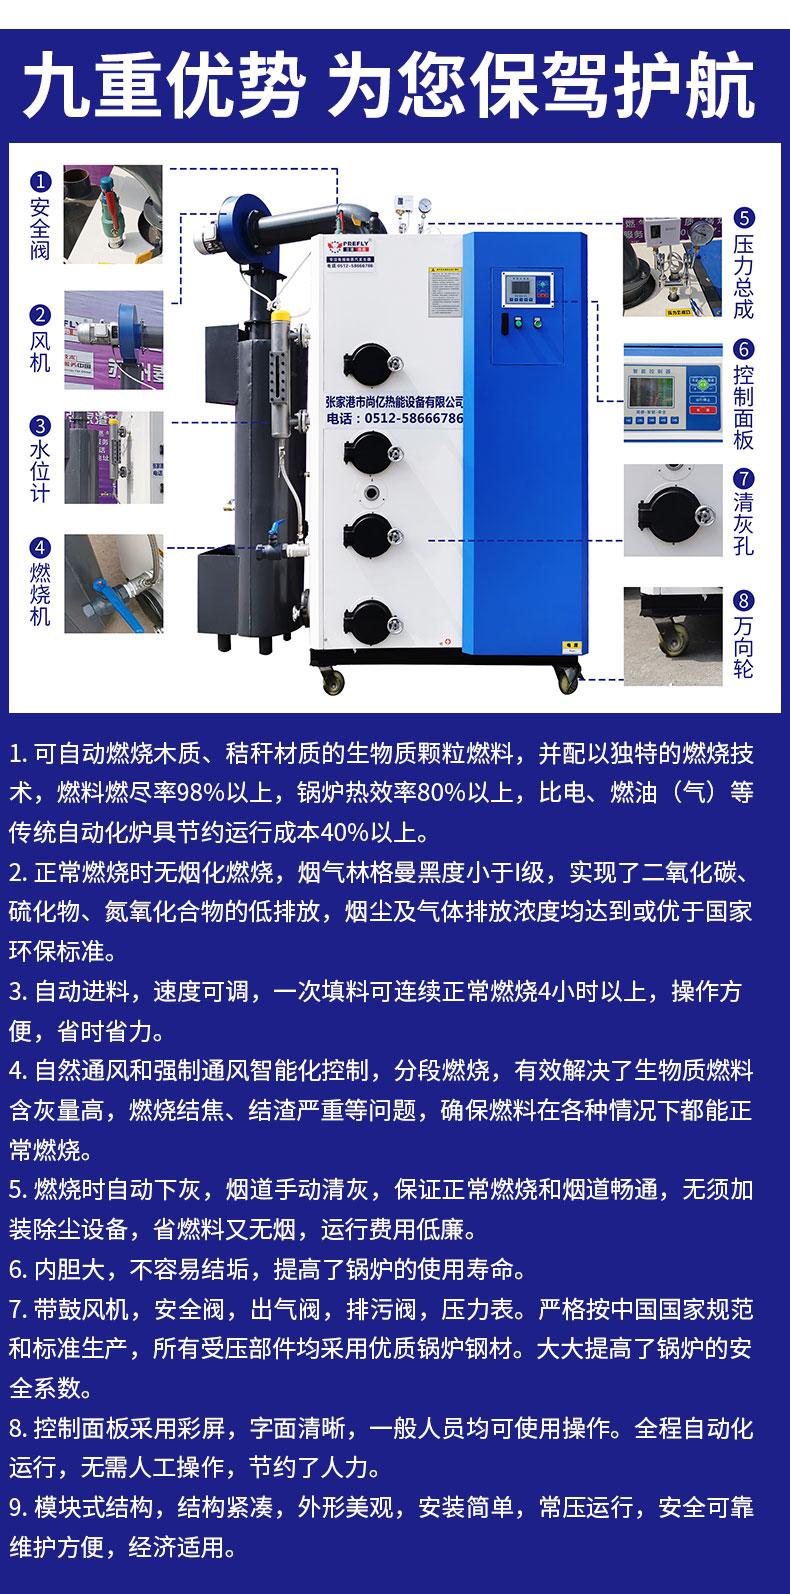 100kg生物质蒸汽发生器阿里巴巴页面_10.jpg